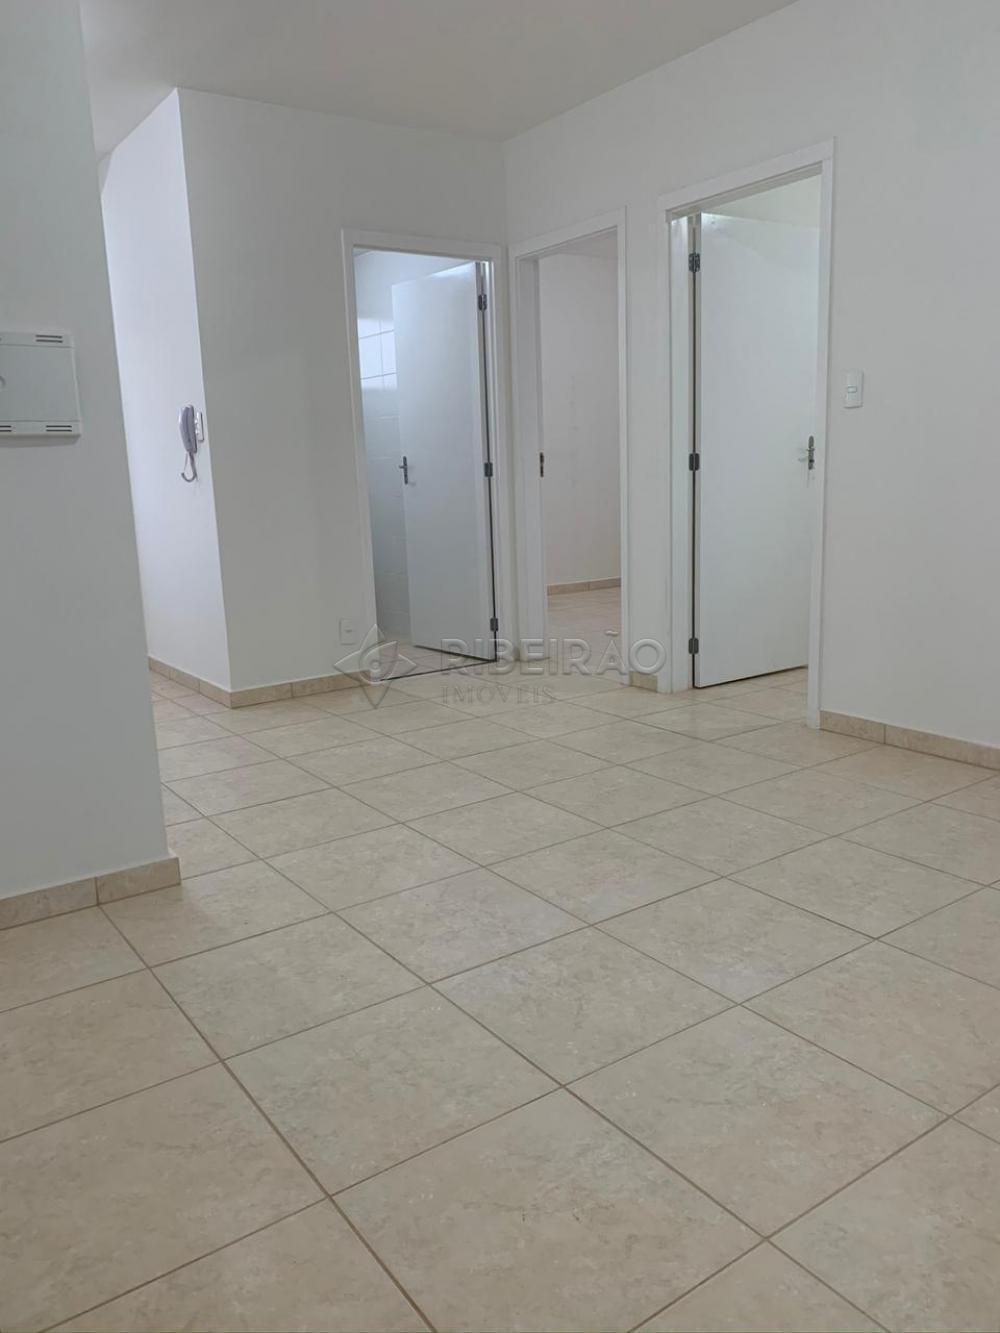 Alugar Apartamento / Padrão em Bonfim Paulista apenas R$ 600,00 - Foto 3